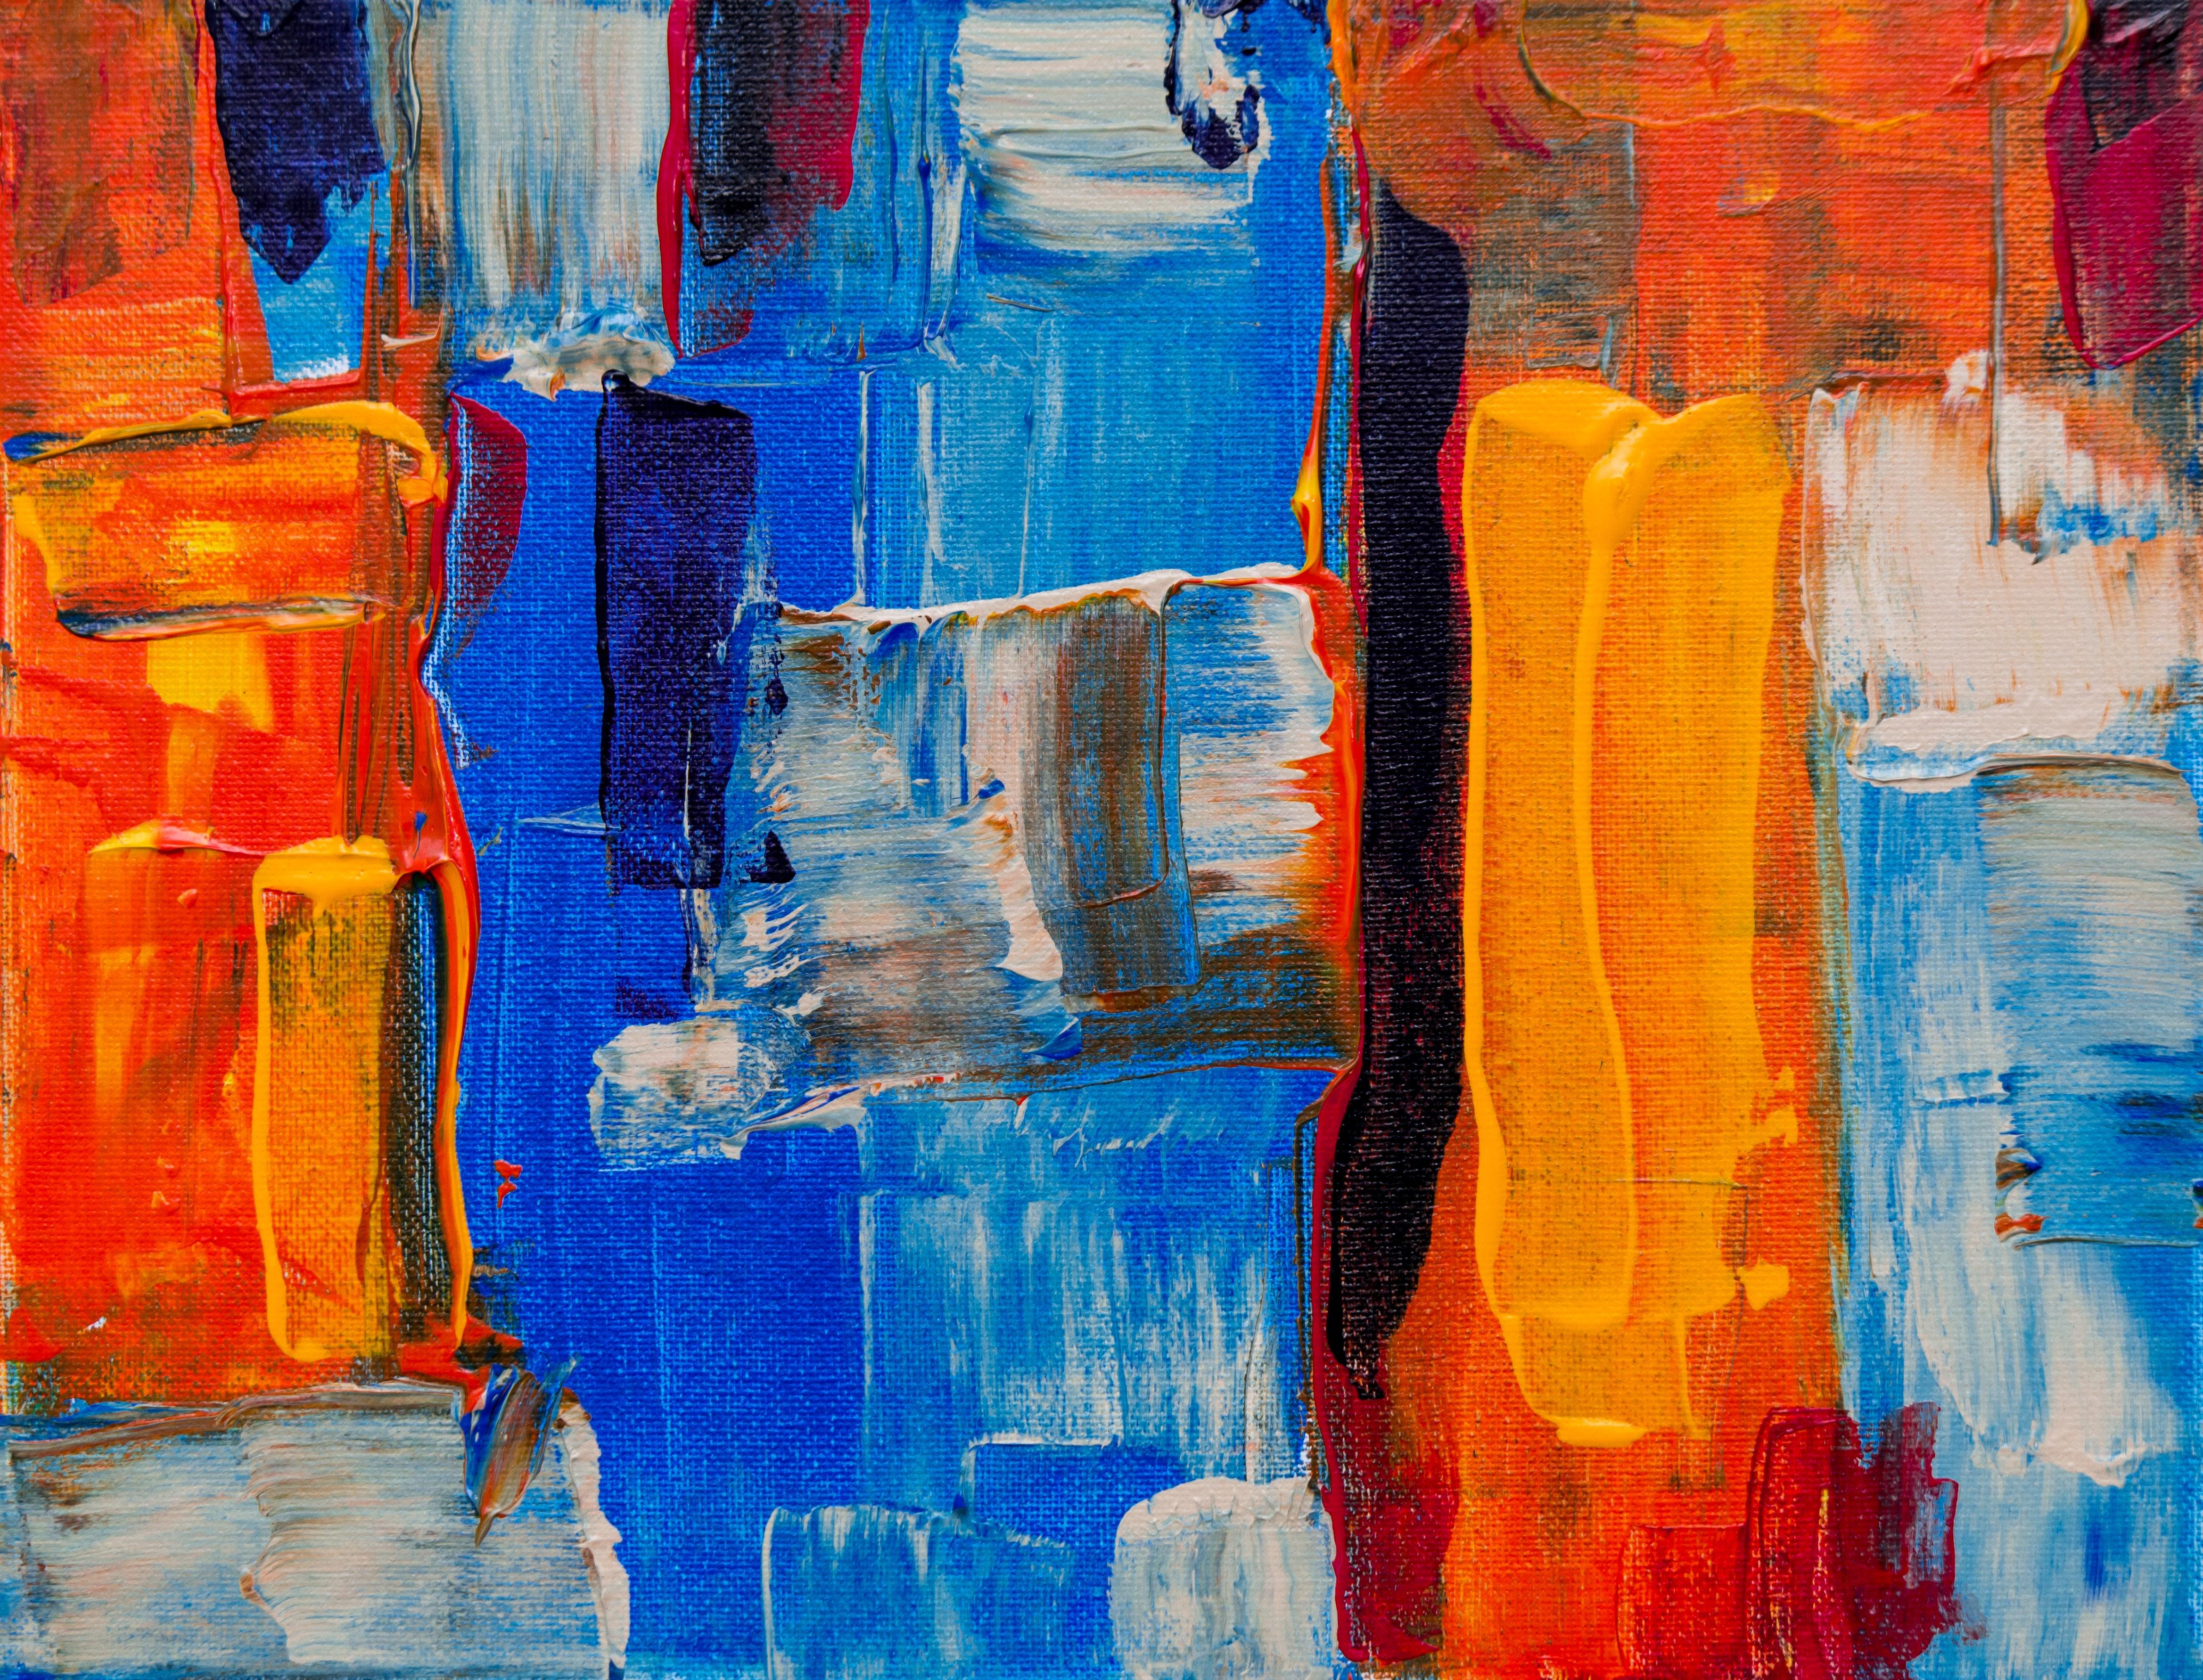 Geliefde Gratis stockfoto van abstract expressionisme, abstract schilderij #OS46